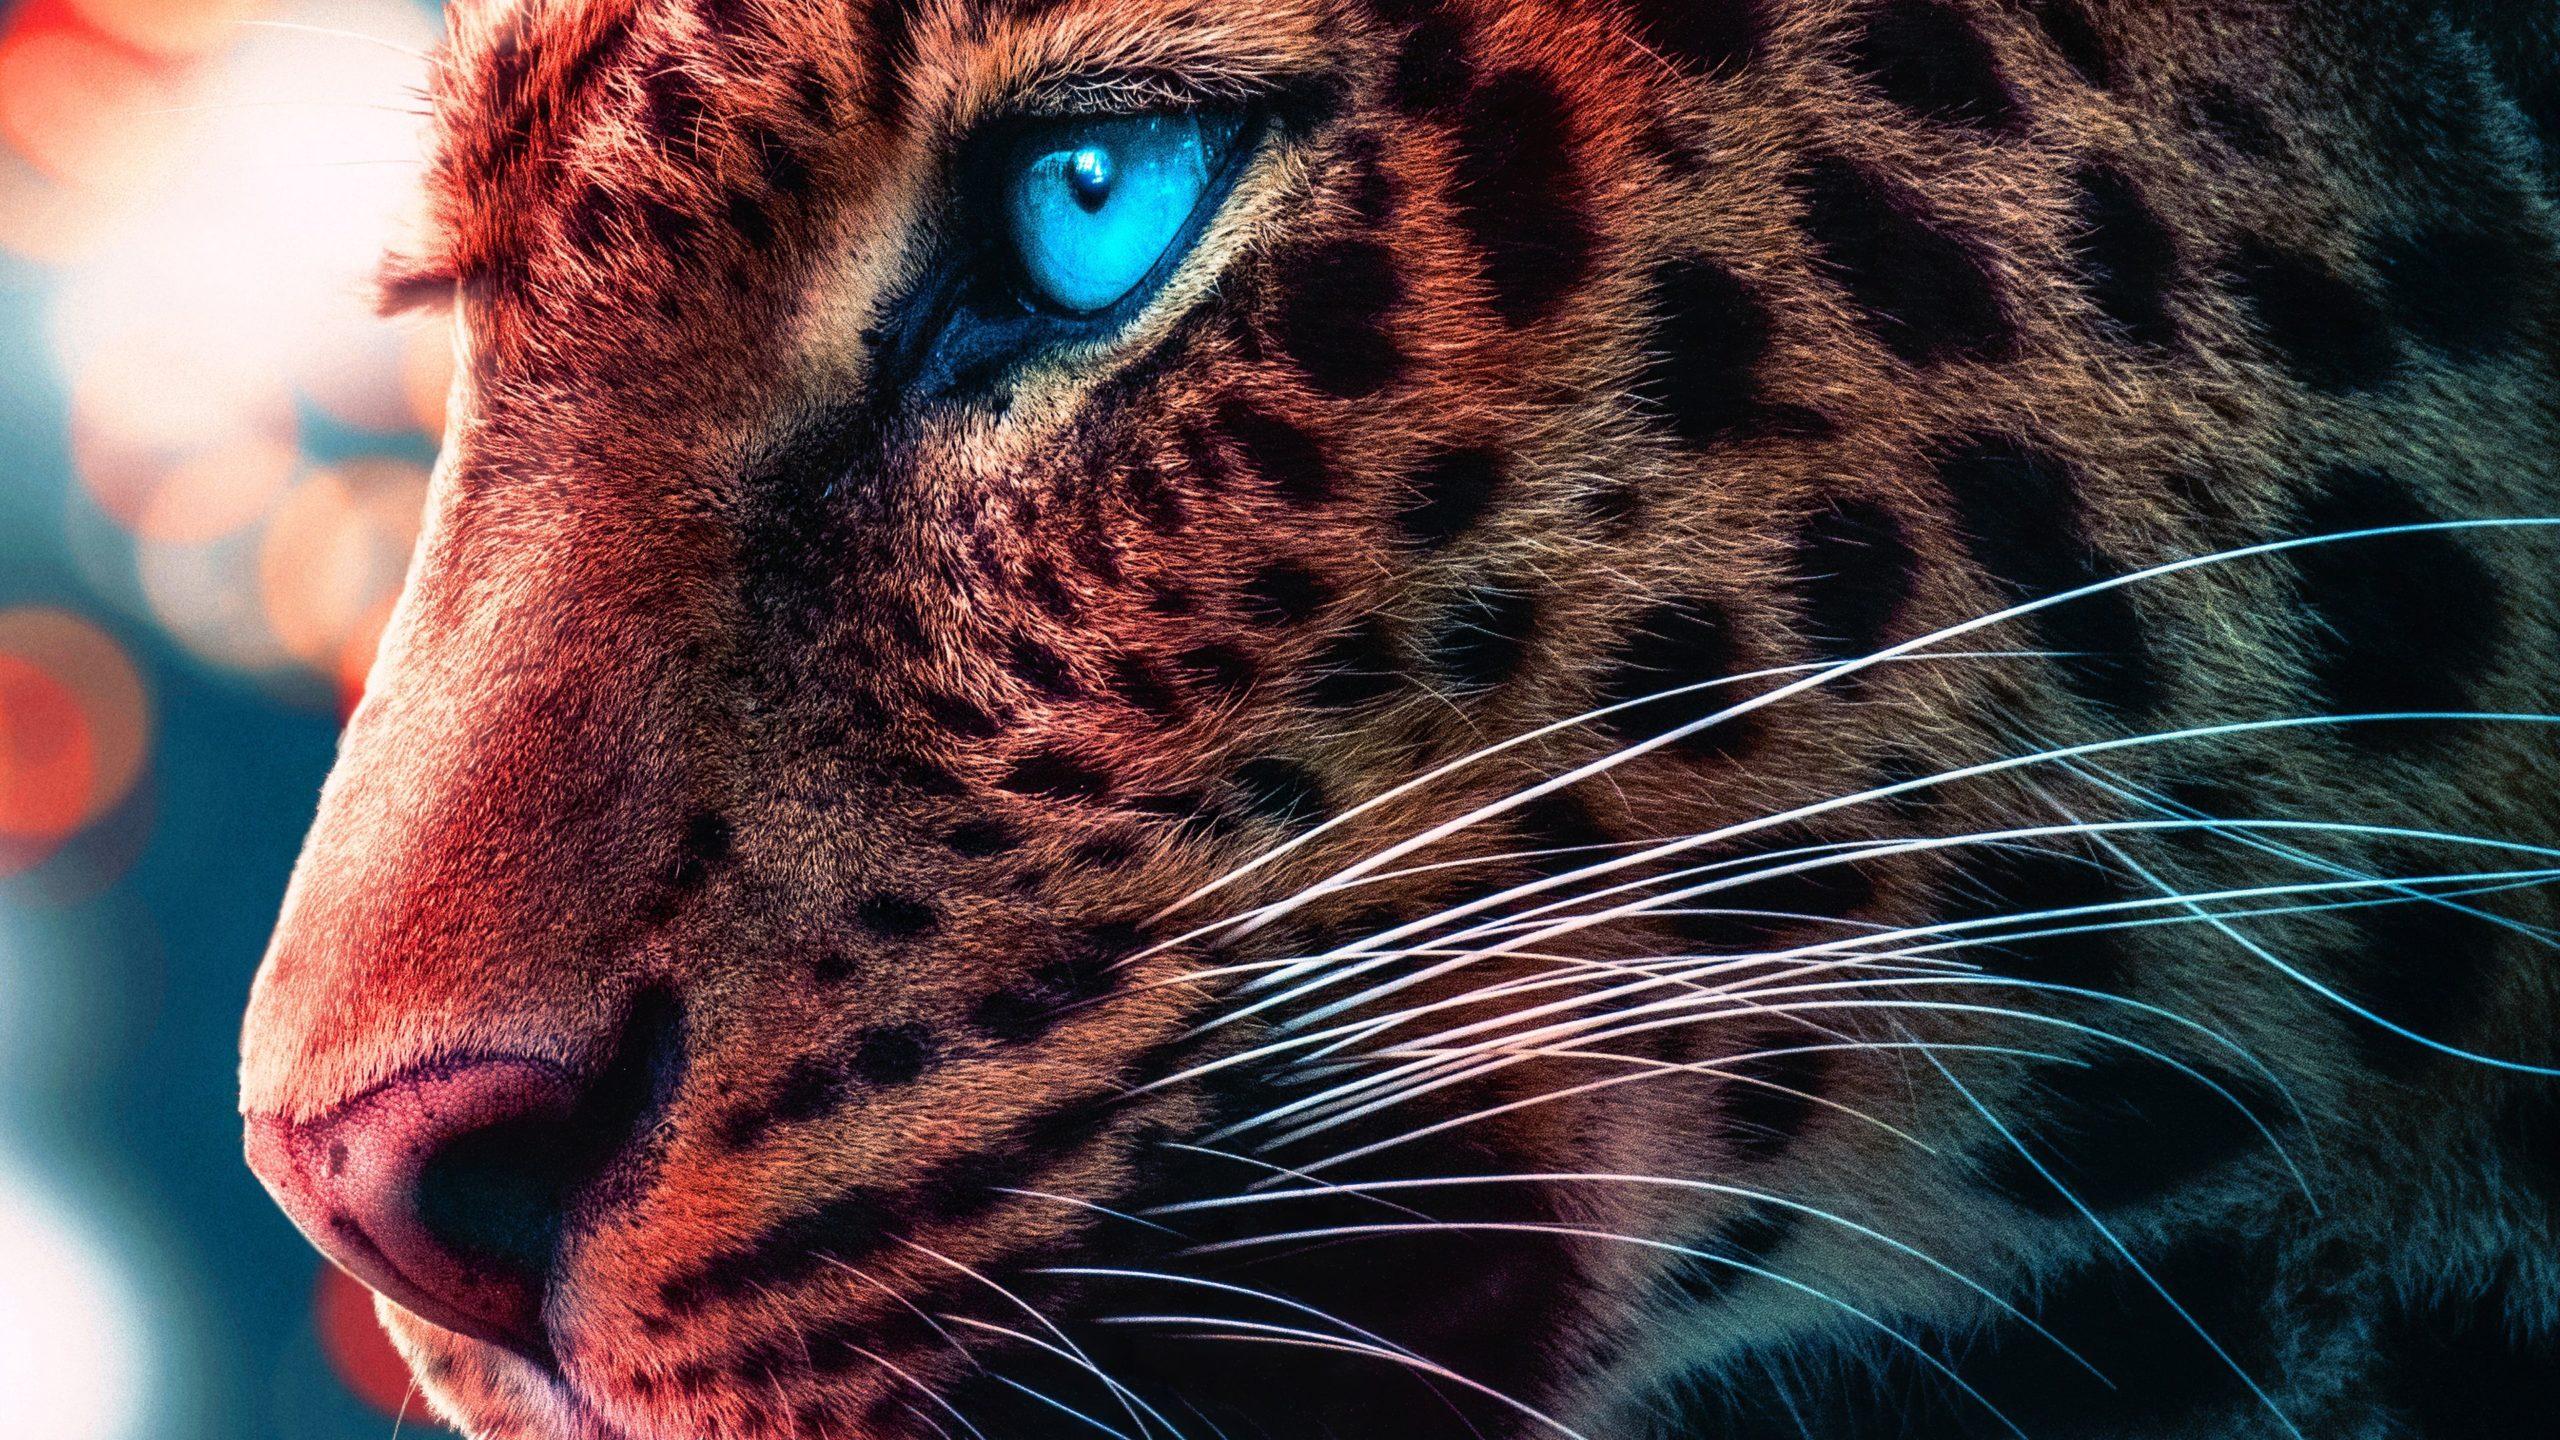 cheetah hd wallpapers